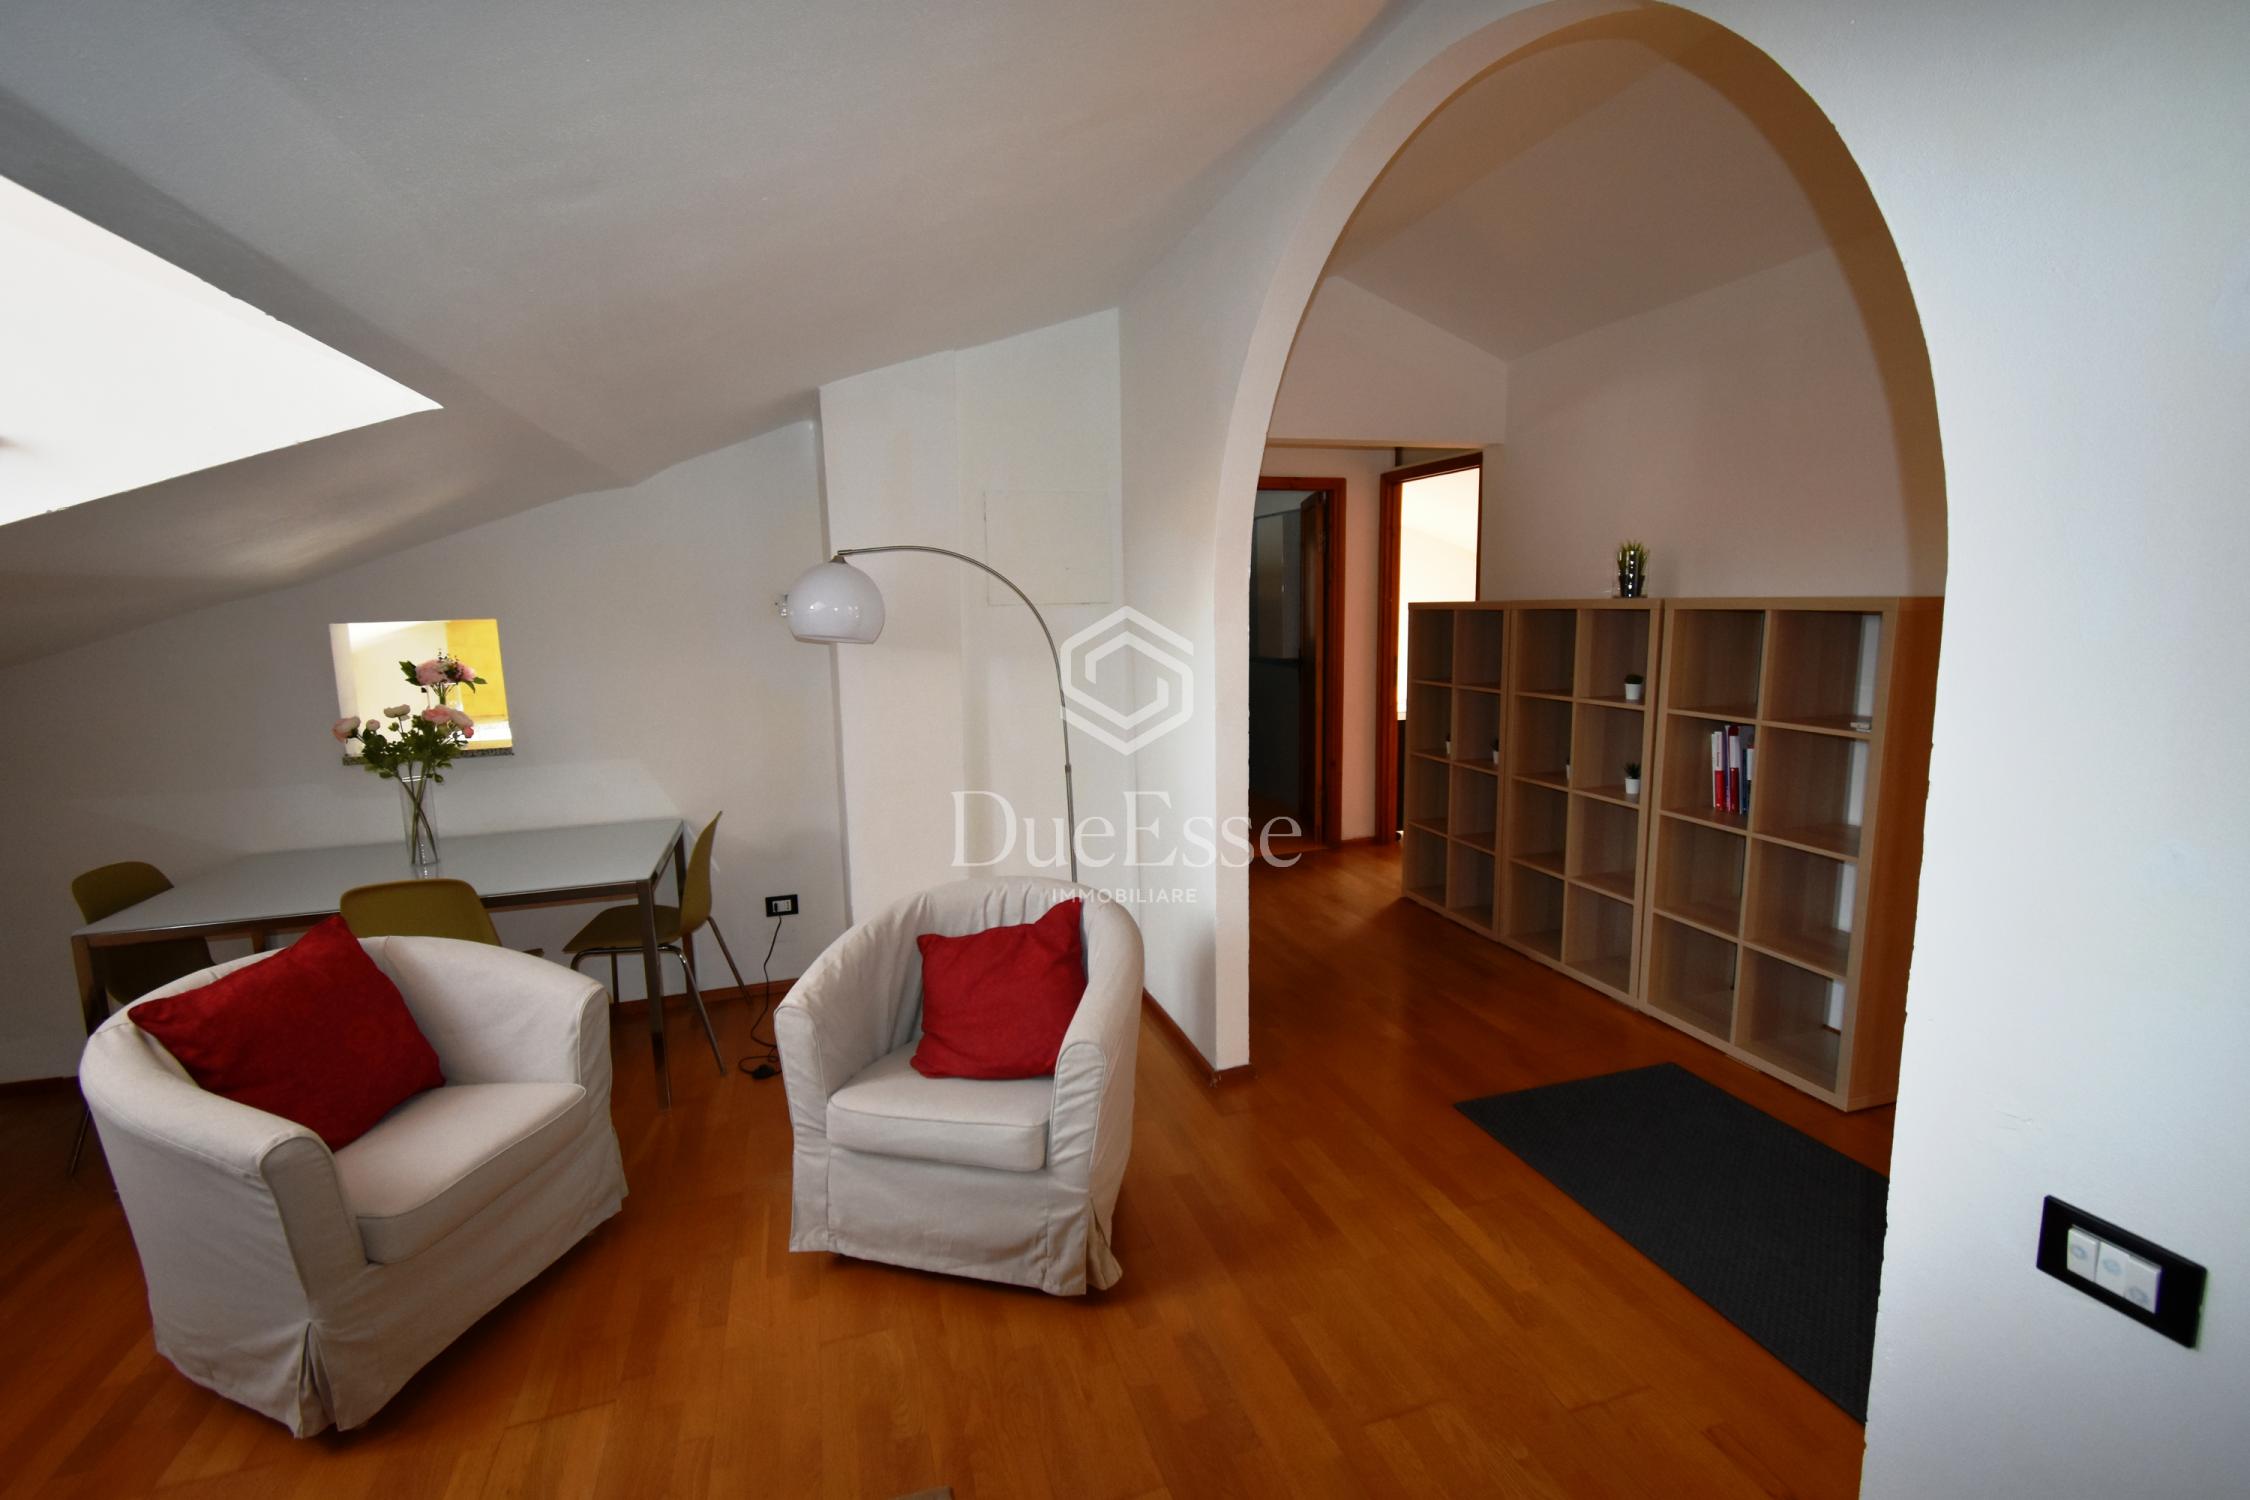 Appartamento con tre camere- San Martino, Pisa